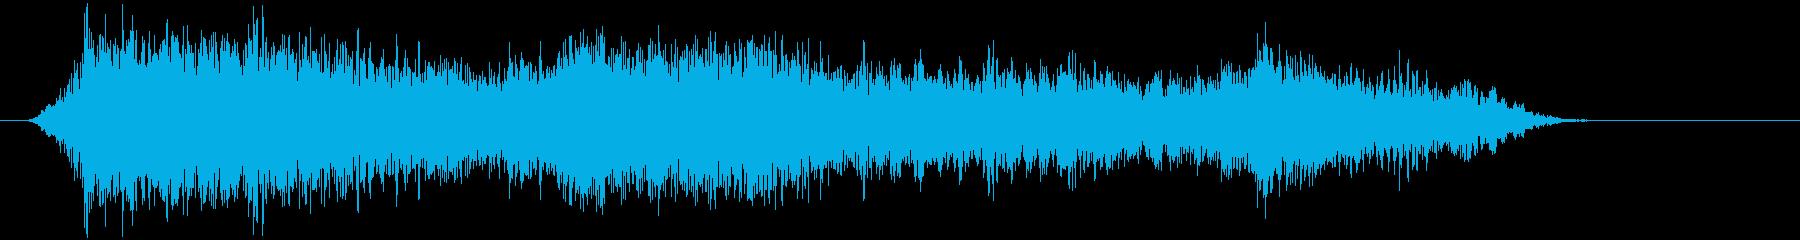 群集 バトルクライ02の再生済みの波形